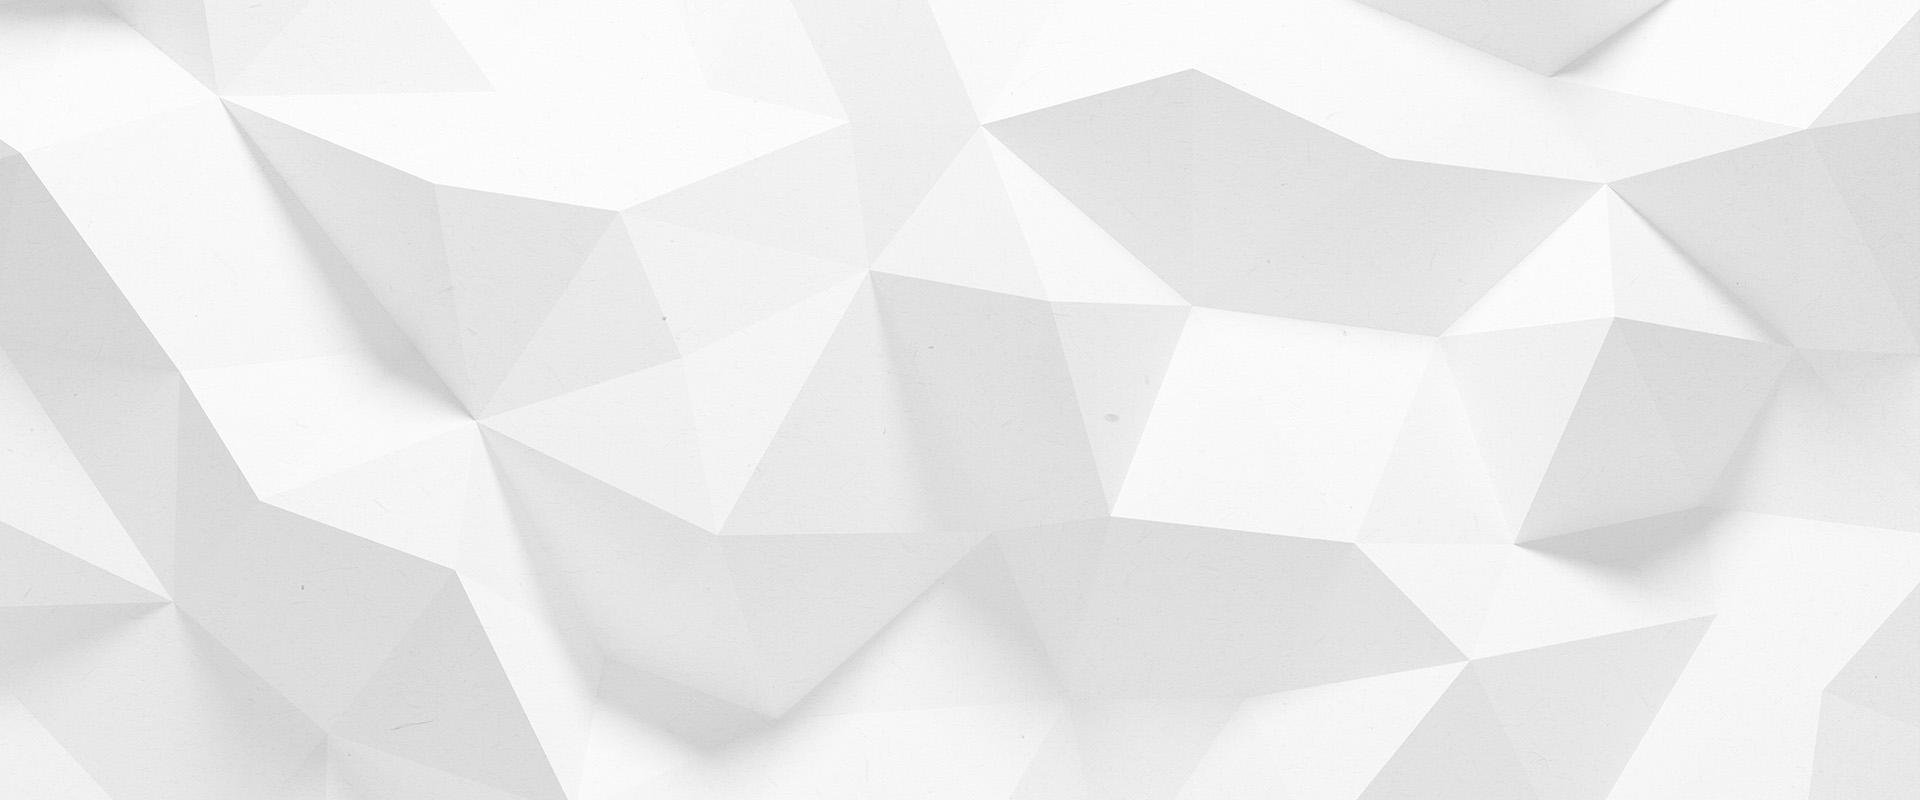 بالصور خلفية بيضاء ساده , اجمل الخلفيات البيضاء 6164